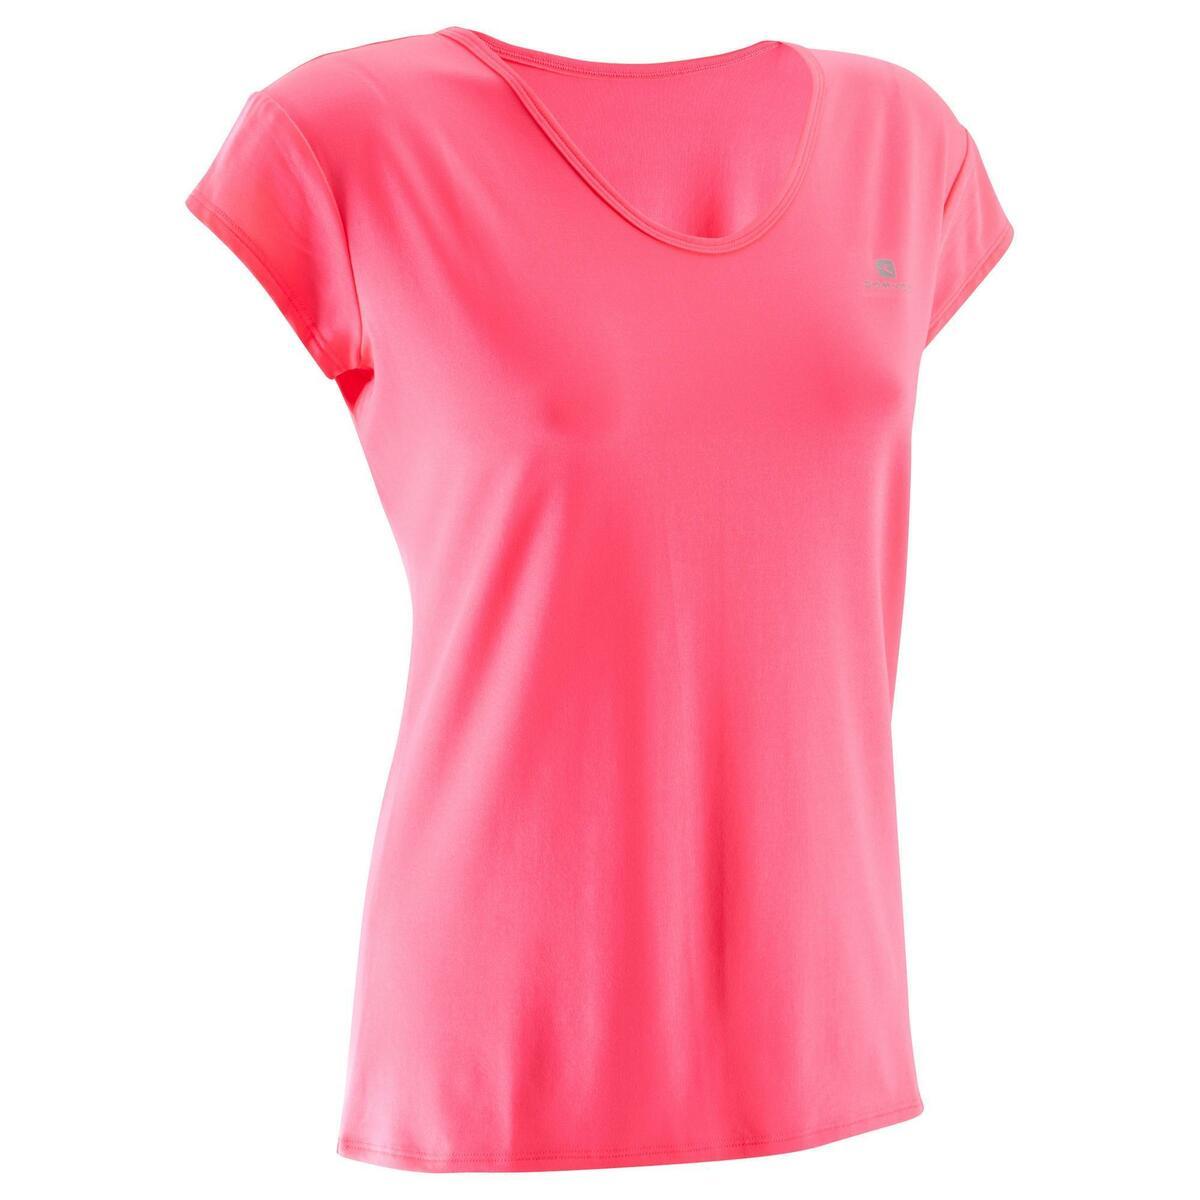 Bild 1 von T-Shirt FTS 100 Fitness Cardio Damen neonrosa